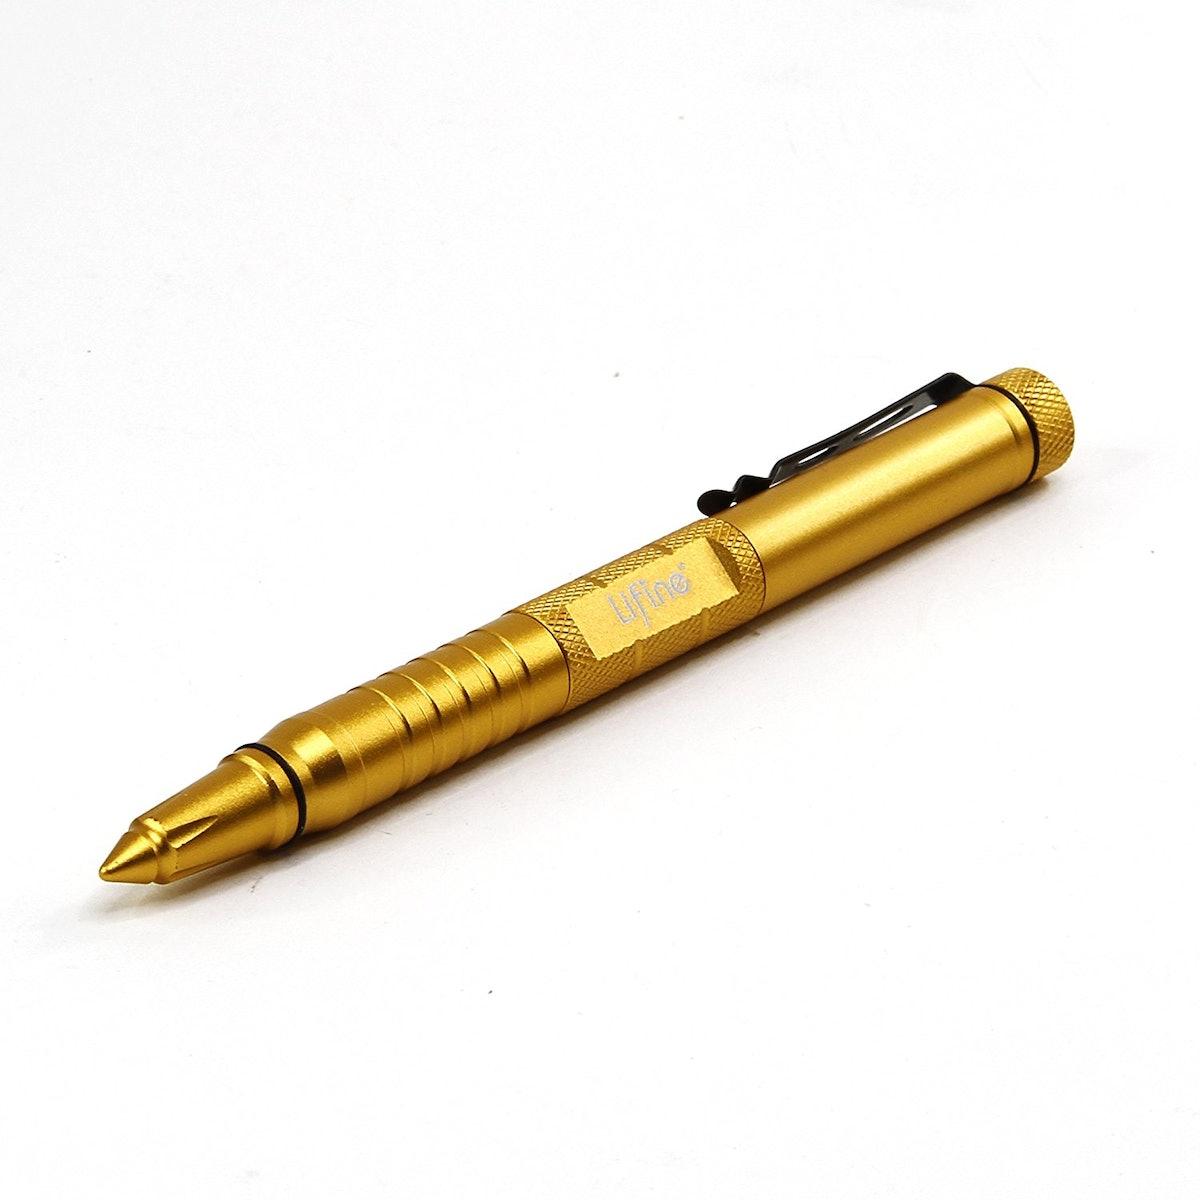 5-In-1 Multi-Function Pen